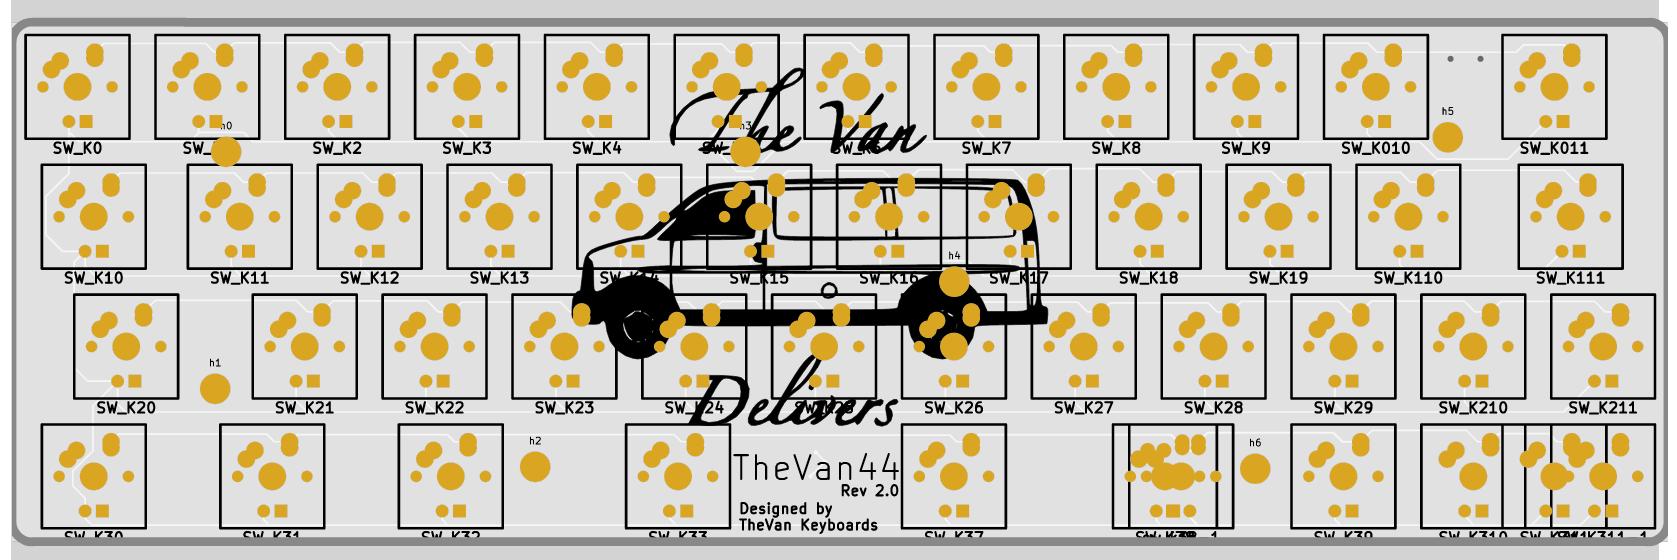 TheVan44 Rev 2.0 front render